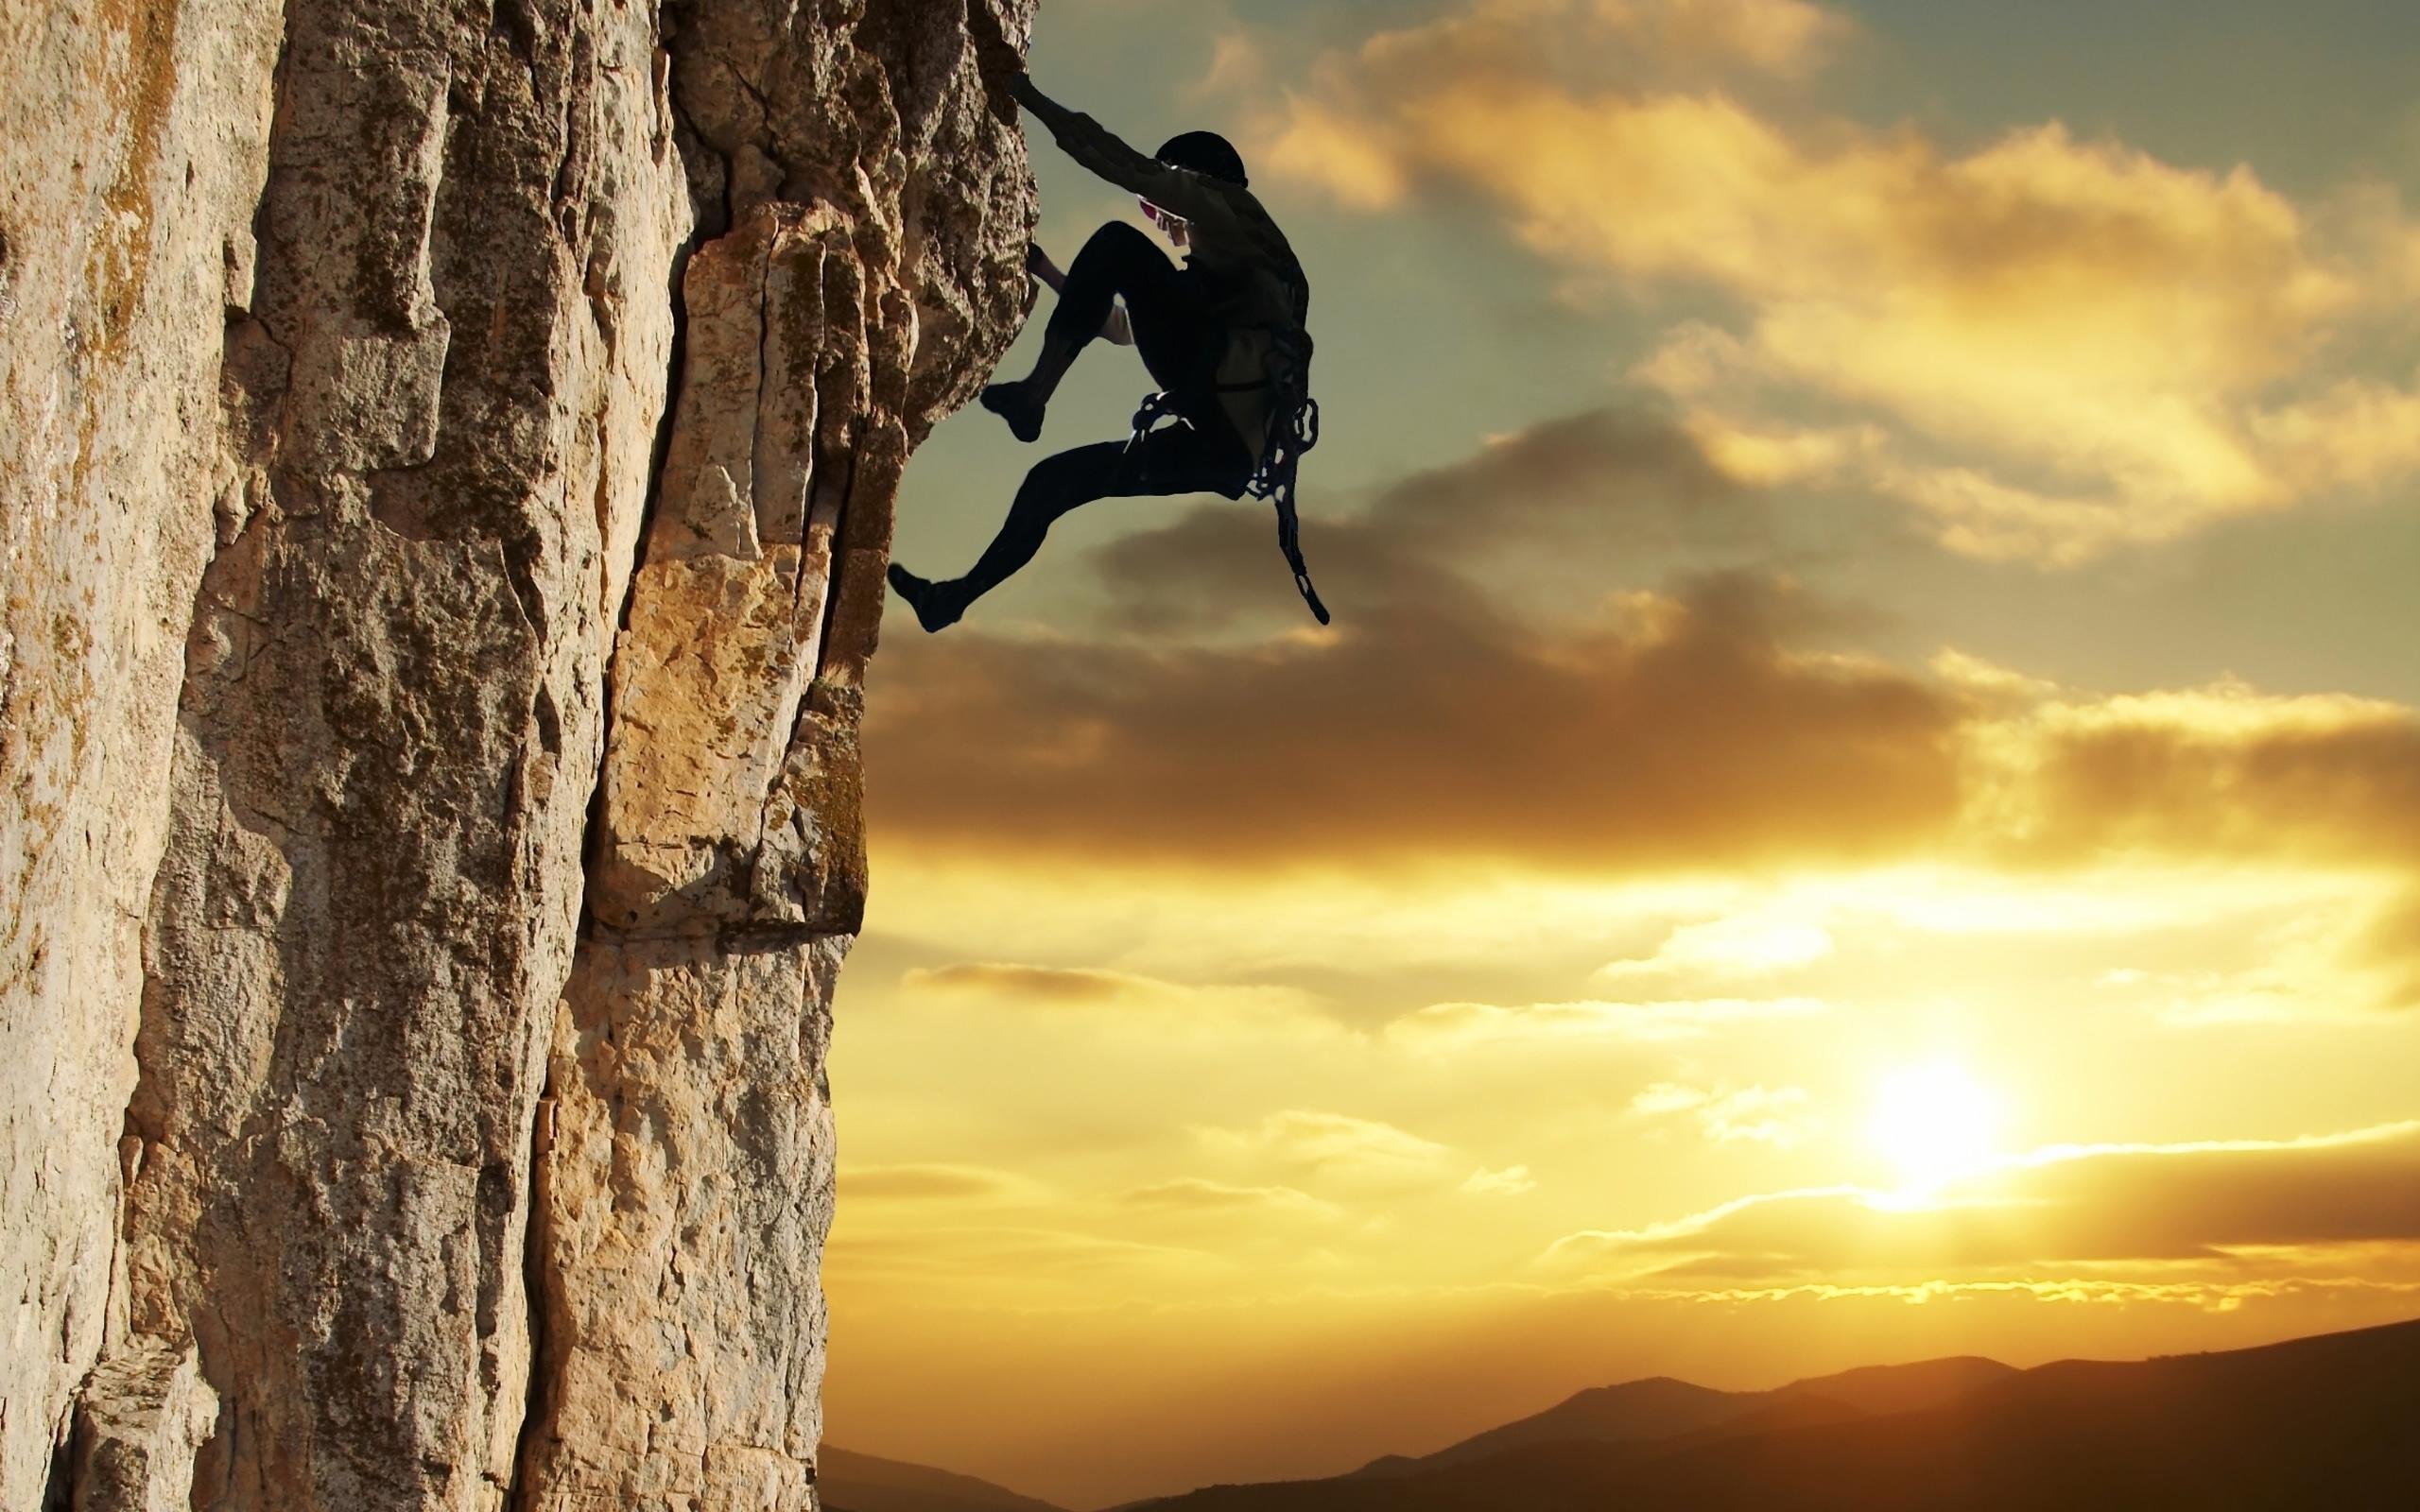 Tırmanma HD Duvar kağıdı | Arka plan | 2560x1600 | ID:103379 - Wallpaper  Abyss